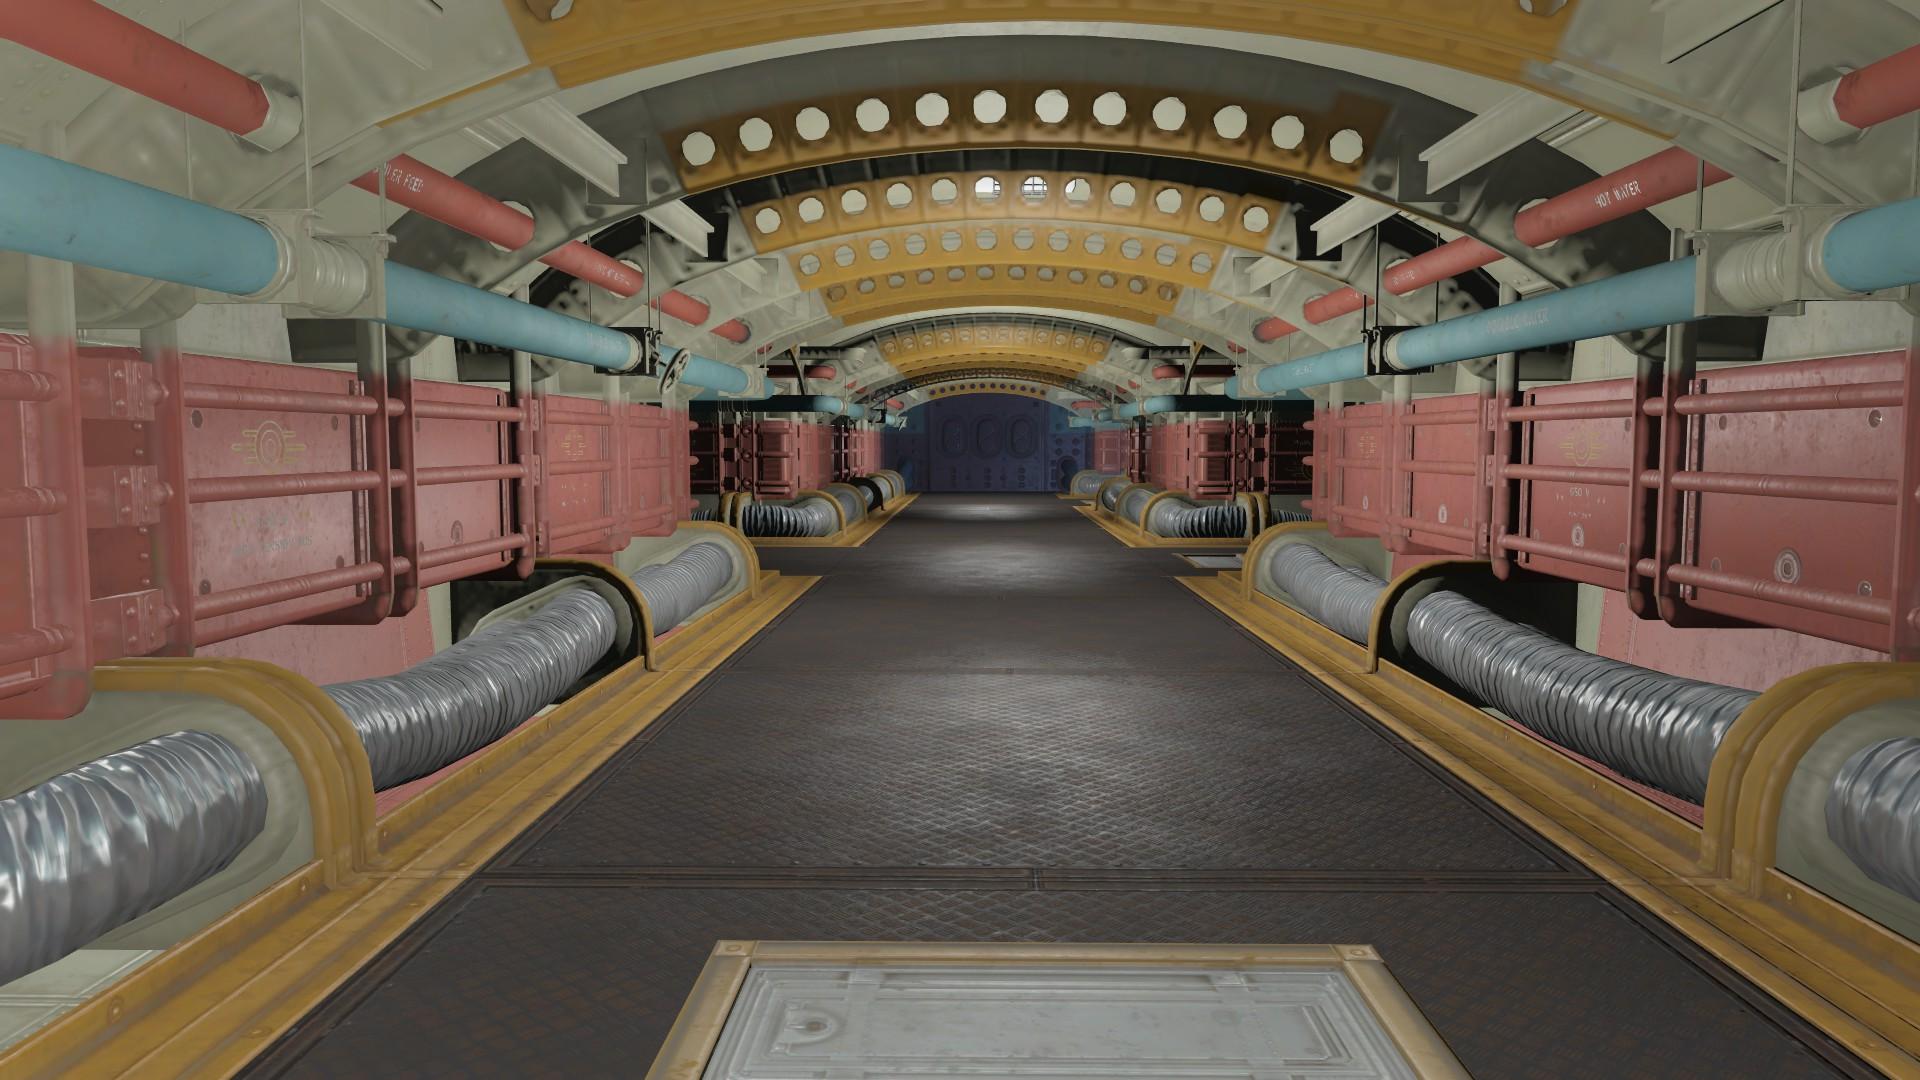 FO4 [Vault Workshop] Building Vaults? 921E4EFFBEA557F7D49BB8D022215A2C1E0D3D9D